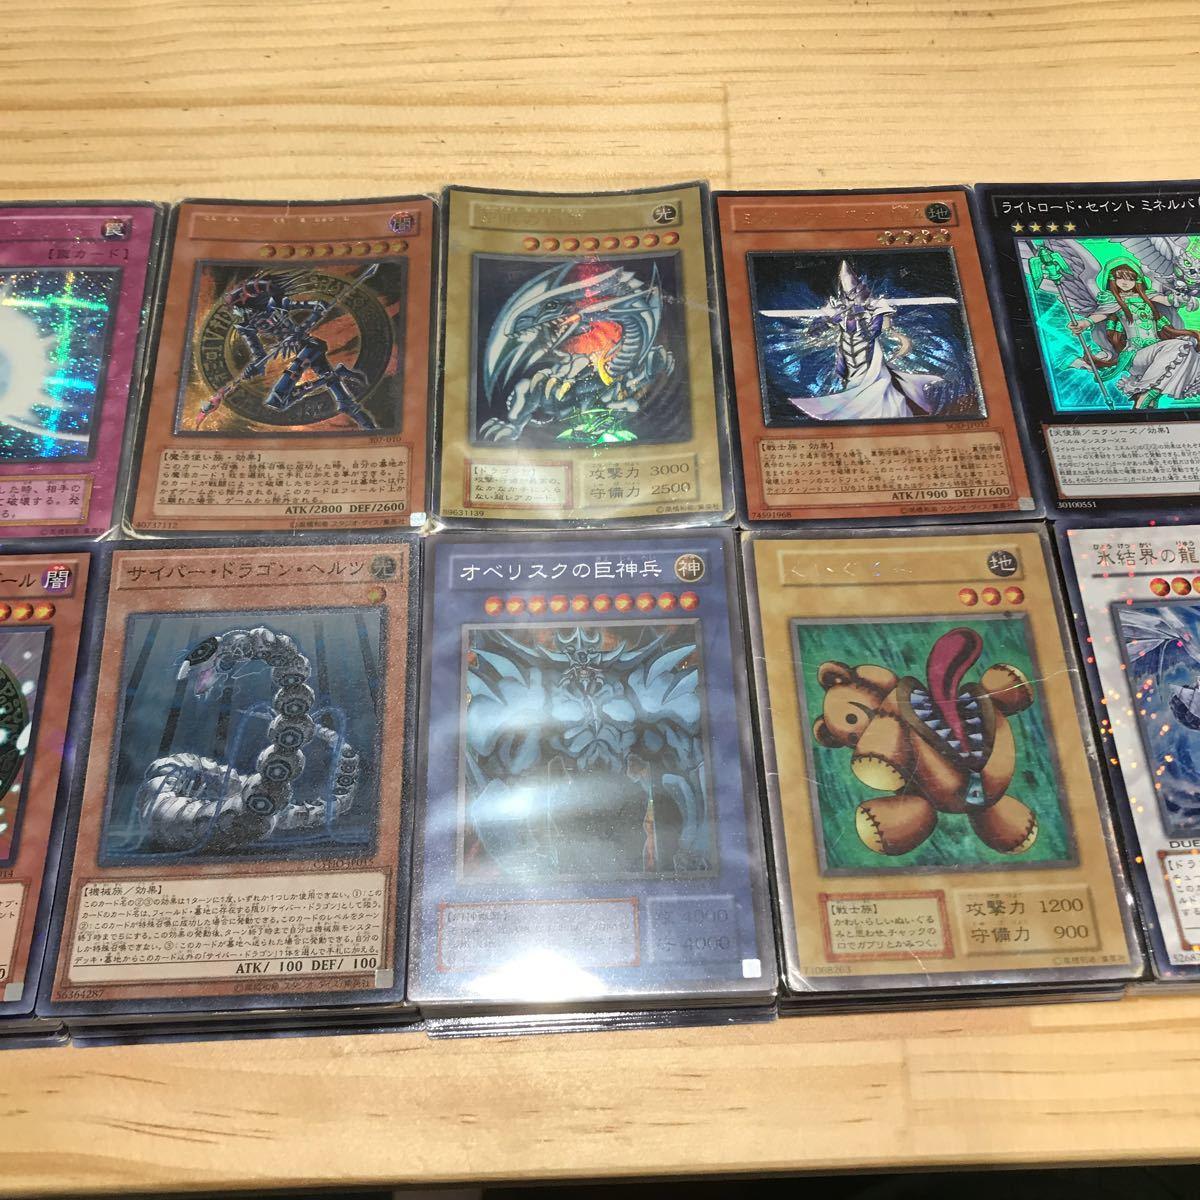 遊戯王スーパーレア以上のカードのみ500枚。まとめ売りで大量放出。SR以上。1円スタート。①